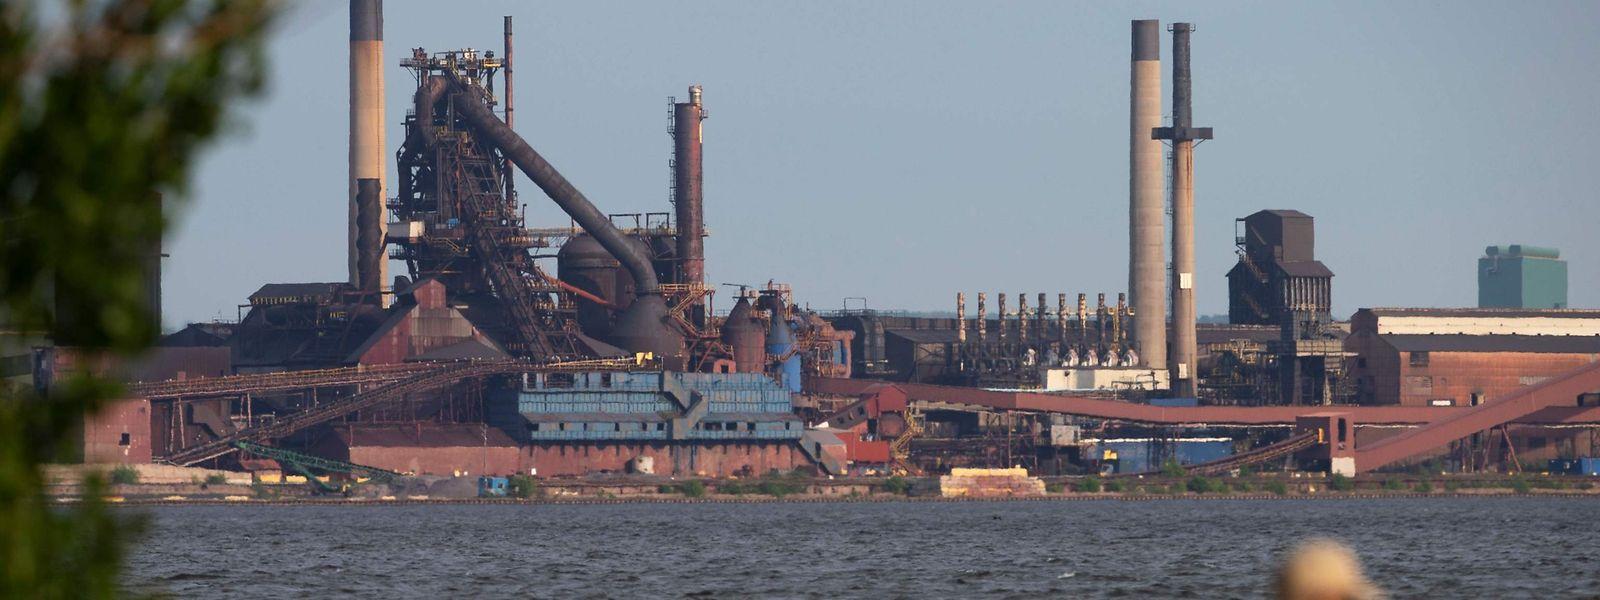 Washington a décidé d'imposer, dès ce vendredi 1er juin, des tarifs supplémentaires sur les importations d'acier et d'aluminium en provenance de l'Union européenne, du Canada et du Mexique.